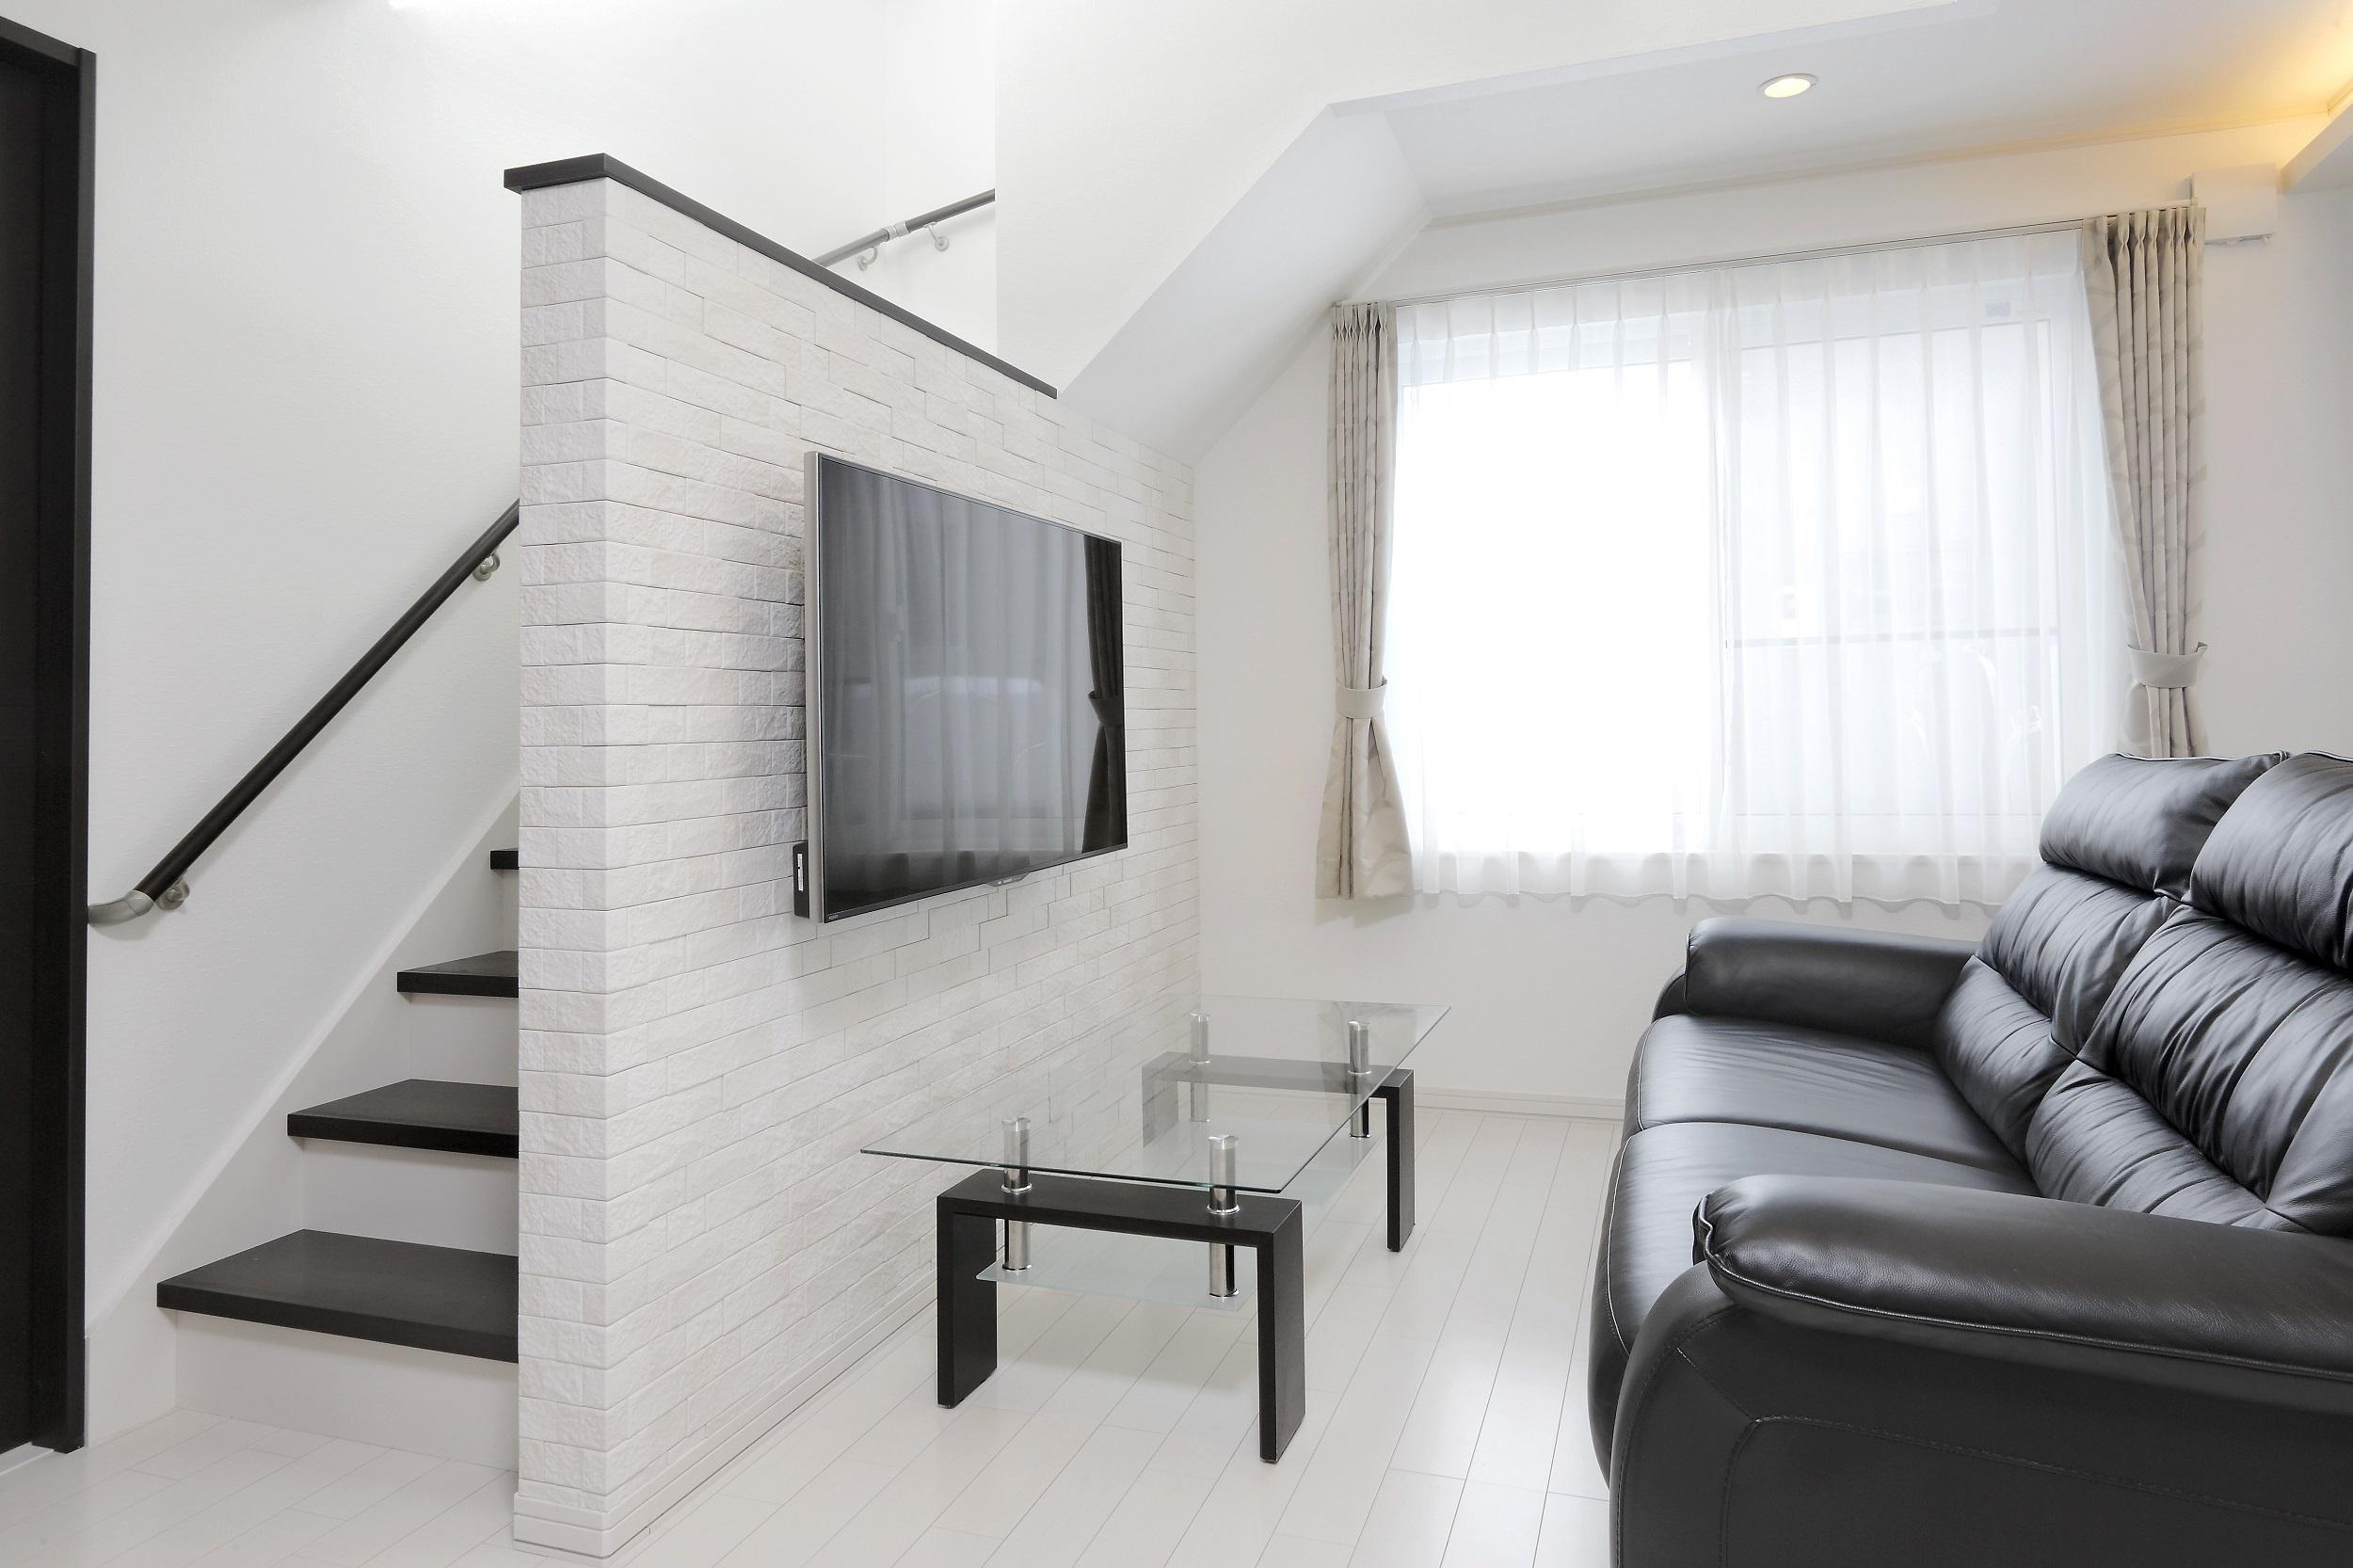 明るい日差しが映える白い空間。リフォーム、リノベーションの戸建て、一軒家の事例。リフォームの施工事例集、施工店探し、費用の相場、築年数なども掲載、リフォームのイメージづくりができるのでこれからリフォームする方向けの情報満載。古くなってきた家を建て替えせず、リフォーム。家の老朽化で床のきしみや断熱性・気密性の低下で寒さがこたえる冬、屋根の落雪などを新築同様にリフォームして一気に解決。生まれ変わりました。施工は住友不動産新築そっくりさん北海道